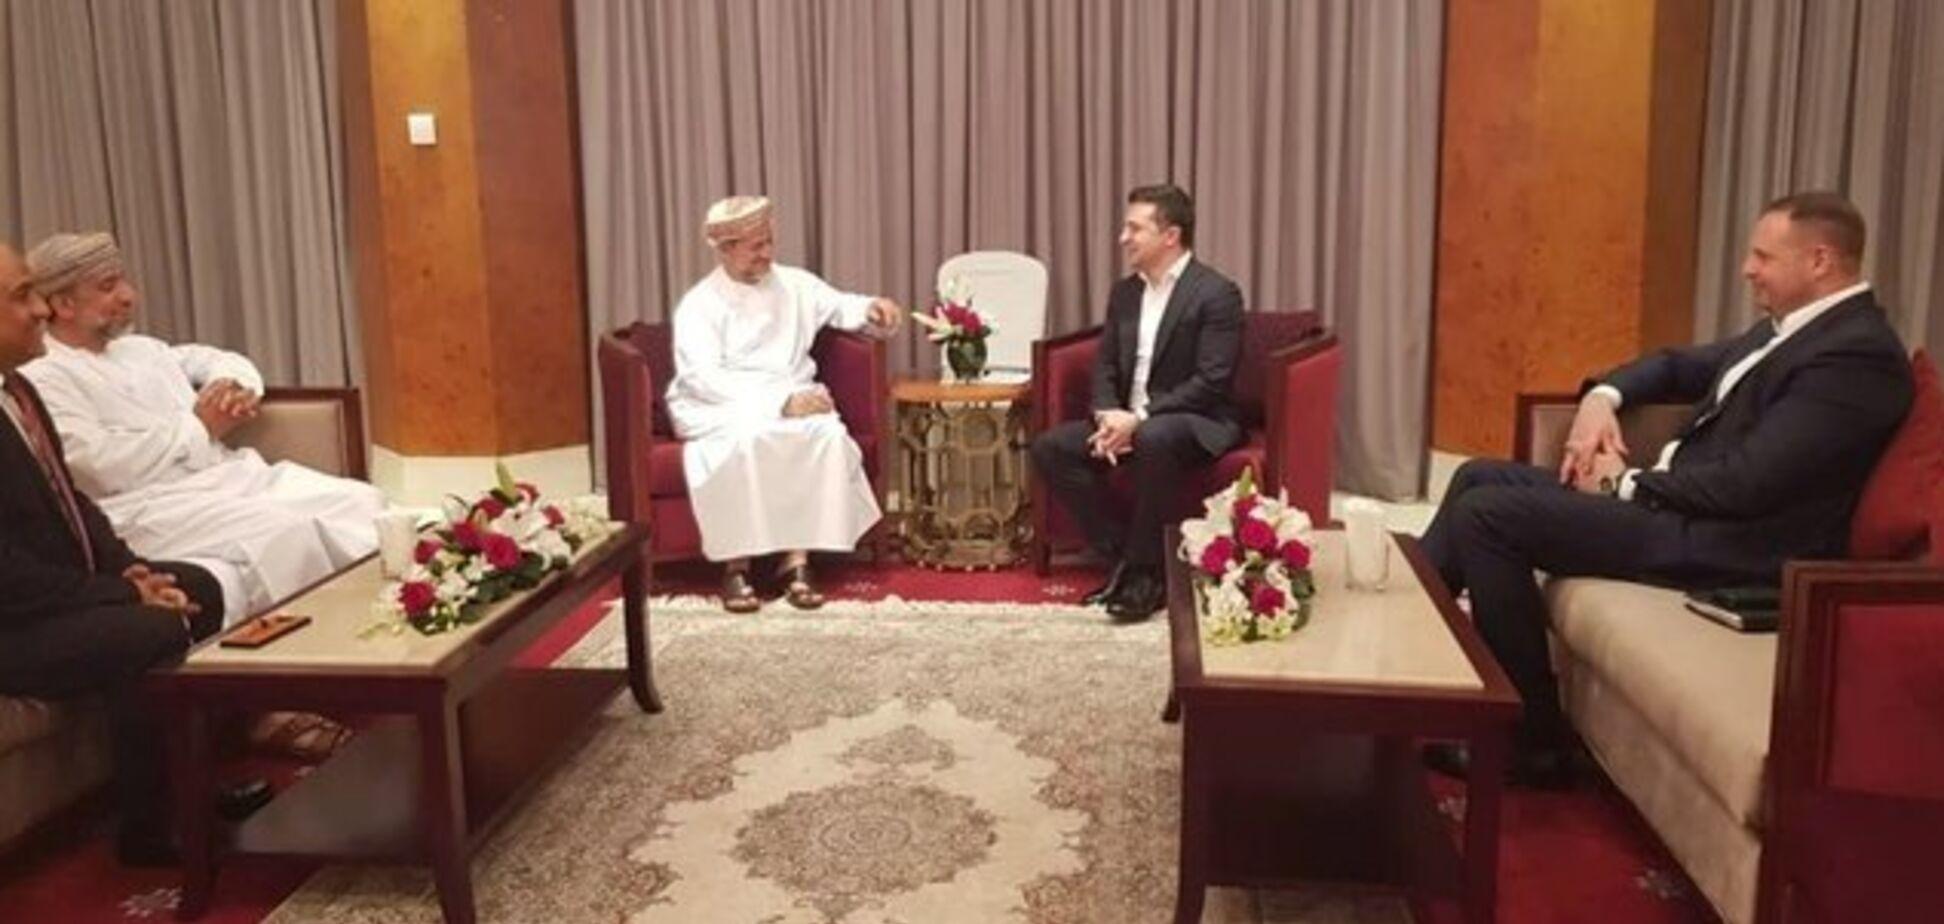 Зеленский ездил в Оман к Суркову? Появились неоднозначные данные о визите президента